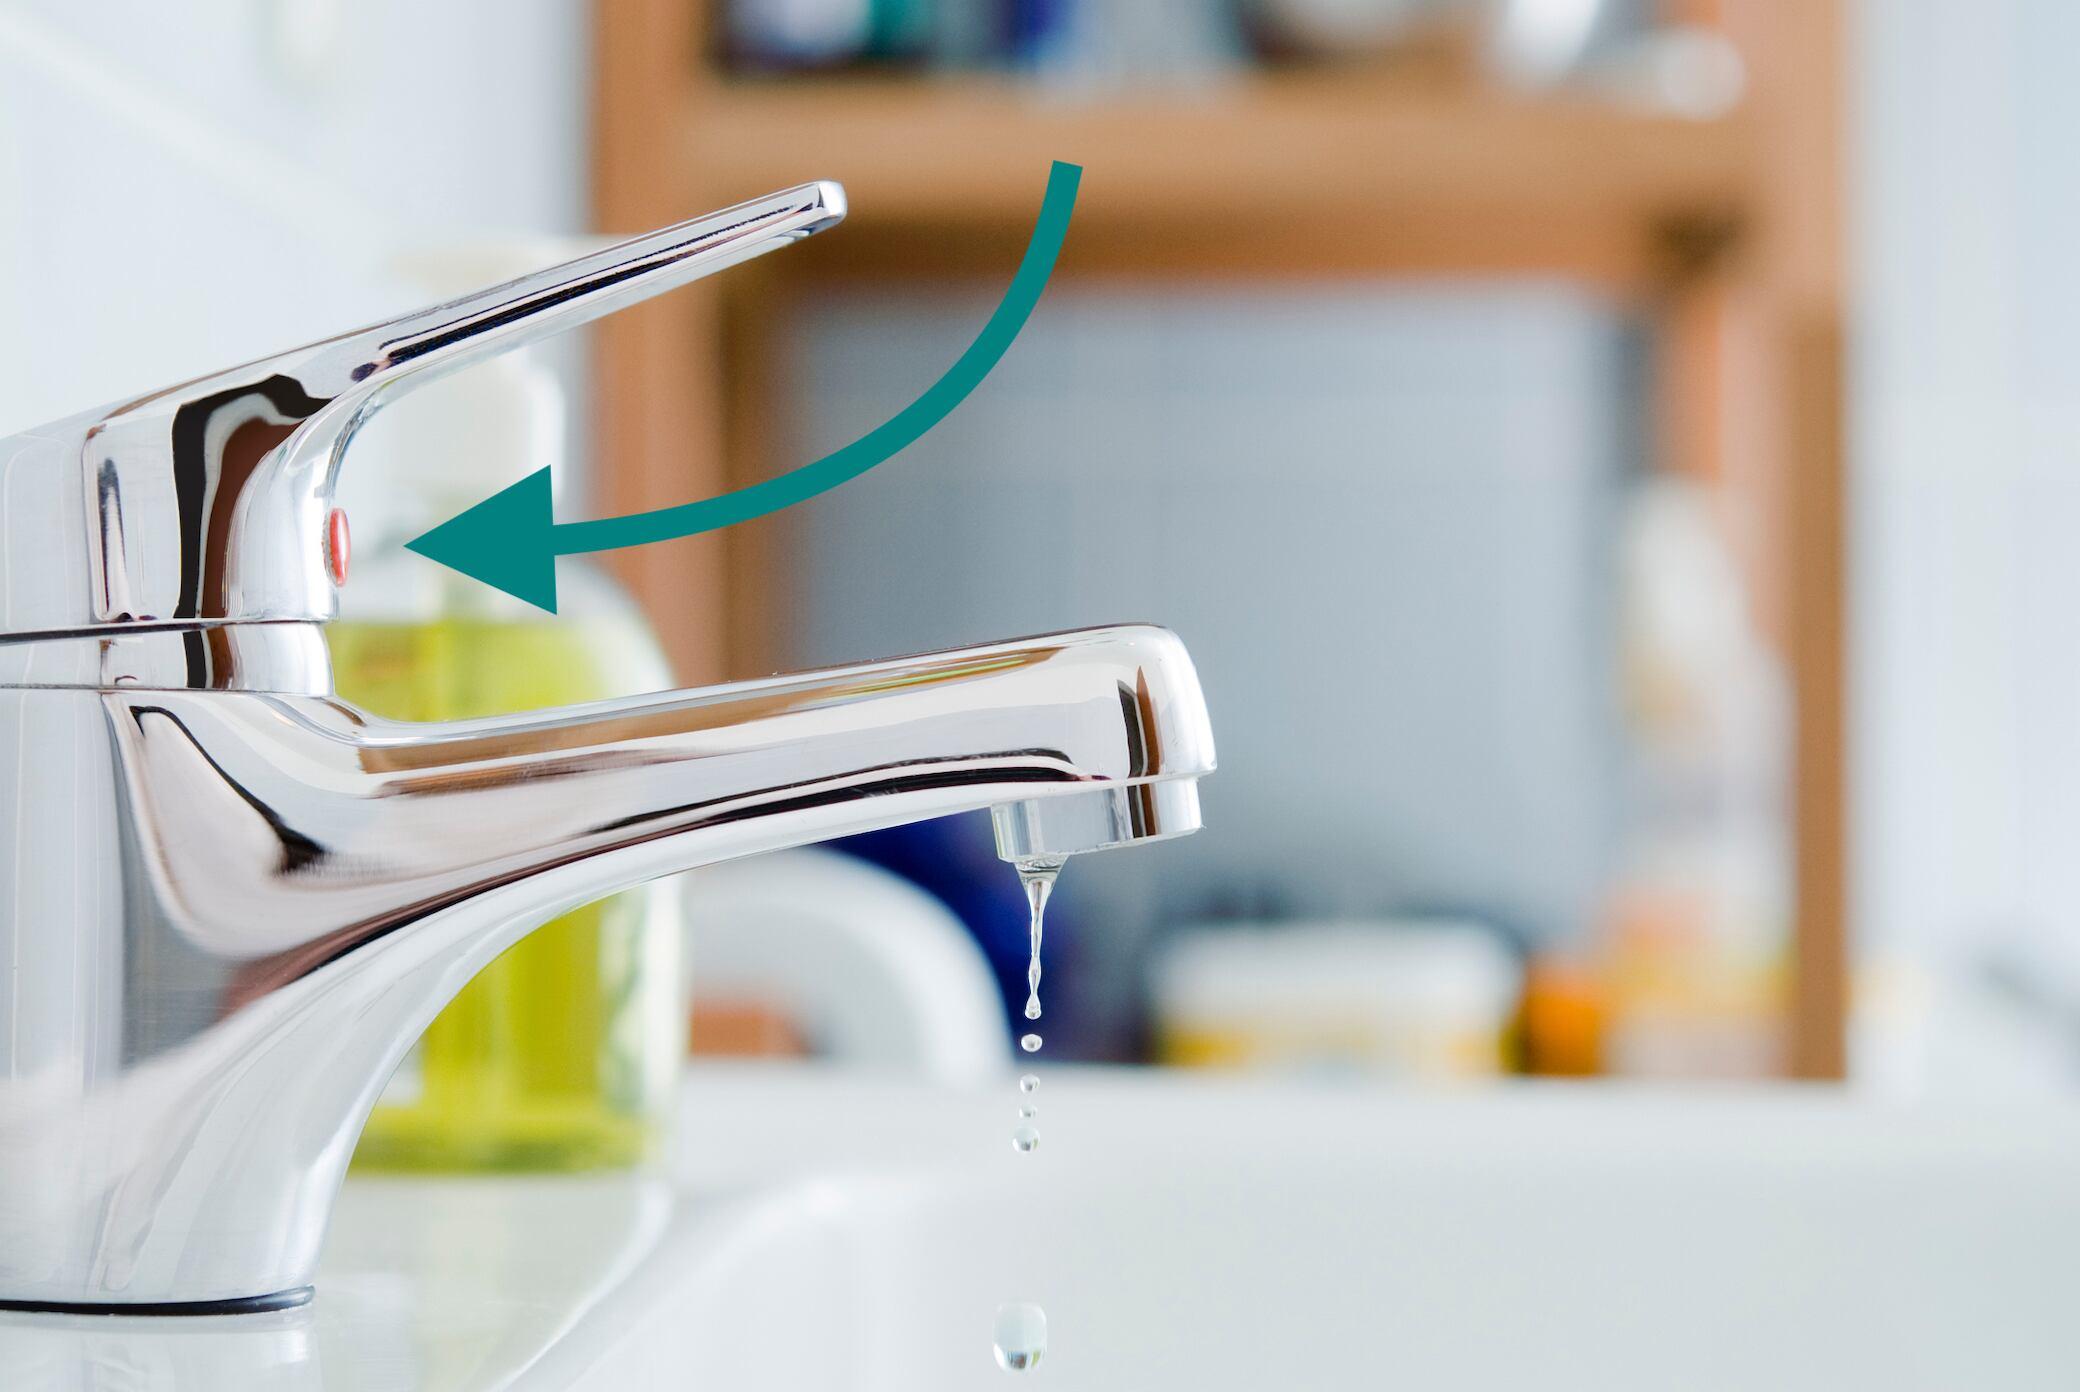 Kartusche wechseln beim Wasserhahn – Schritt für Schritt erklärt